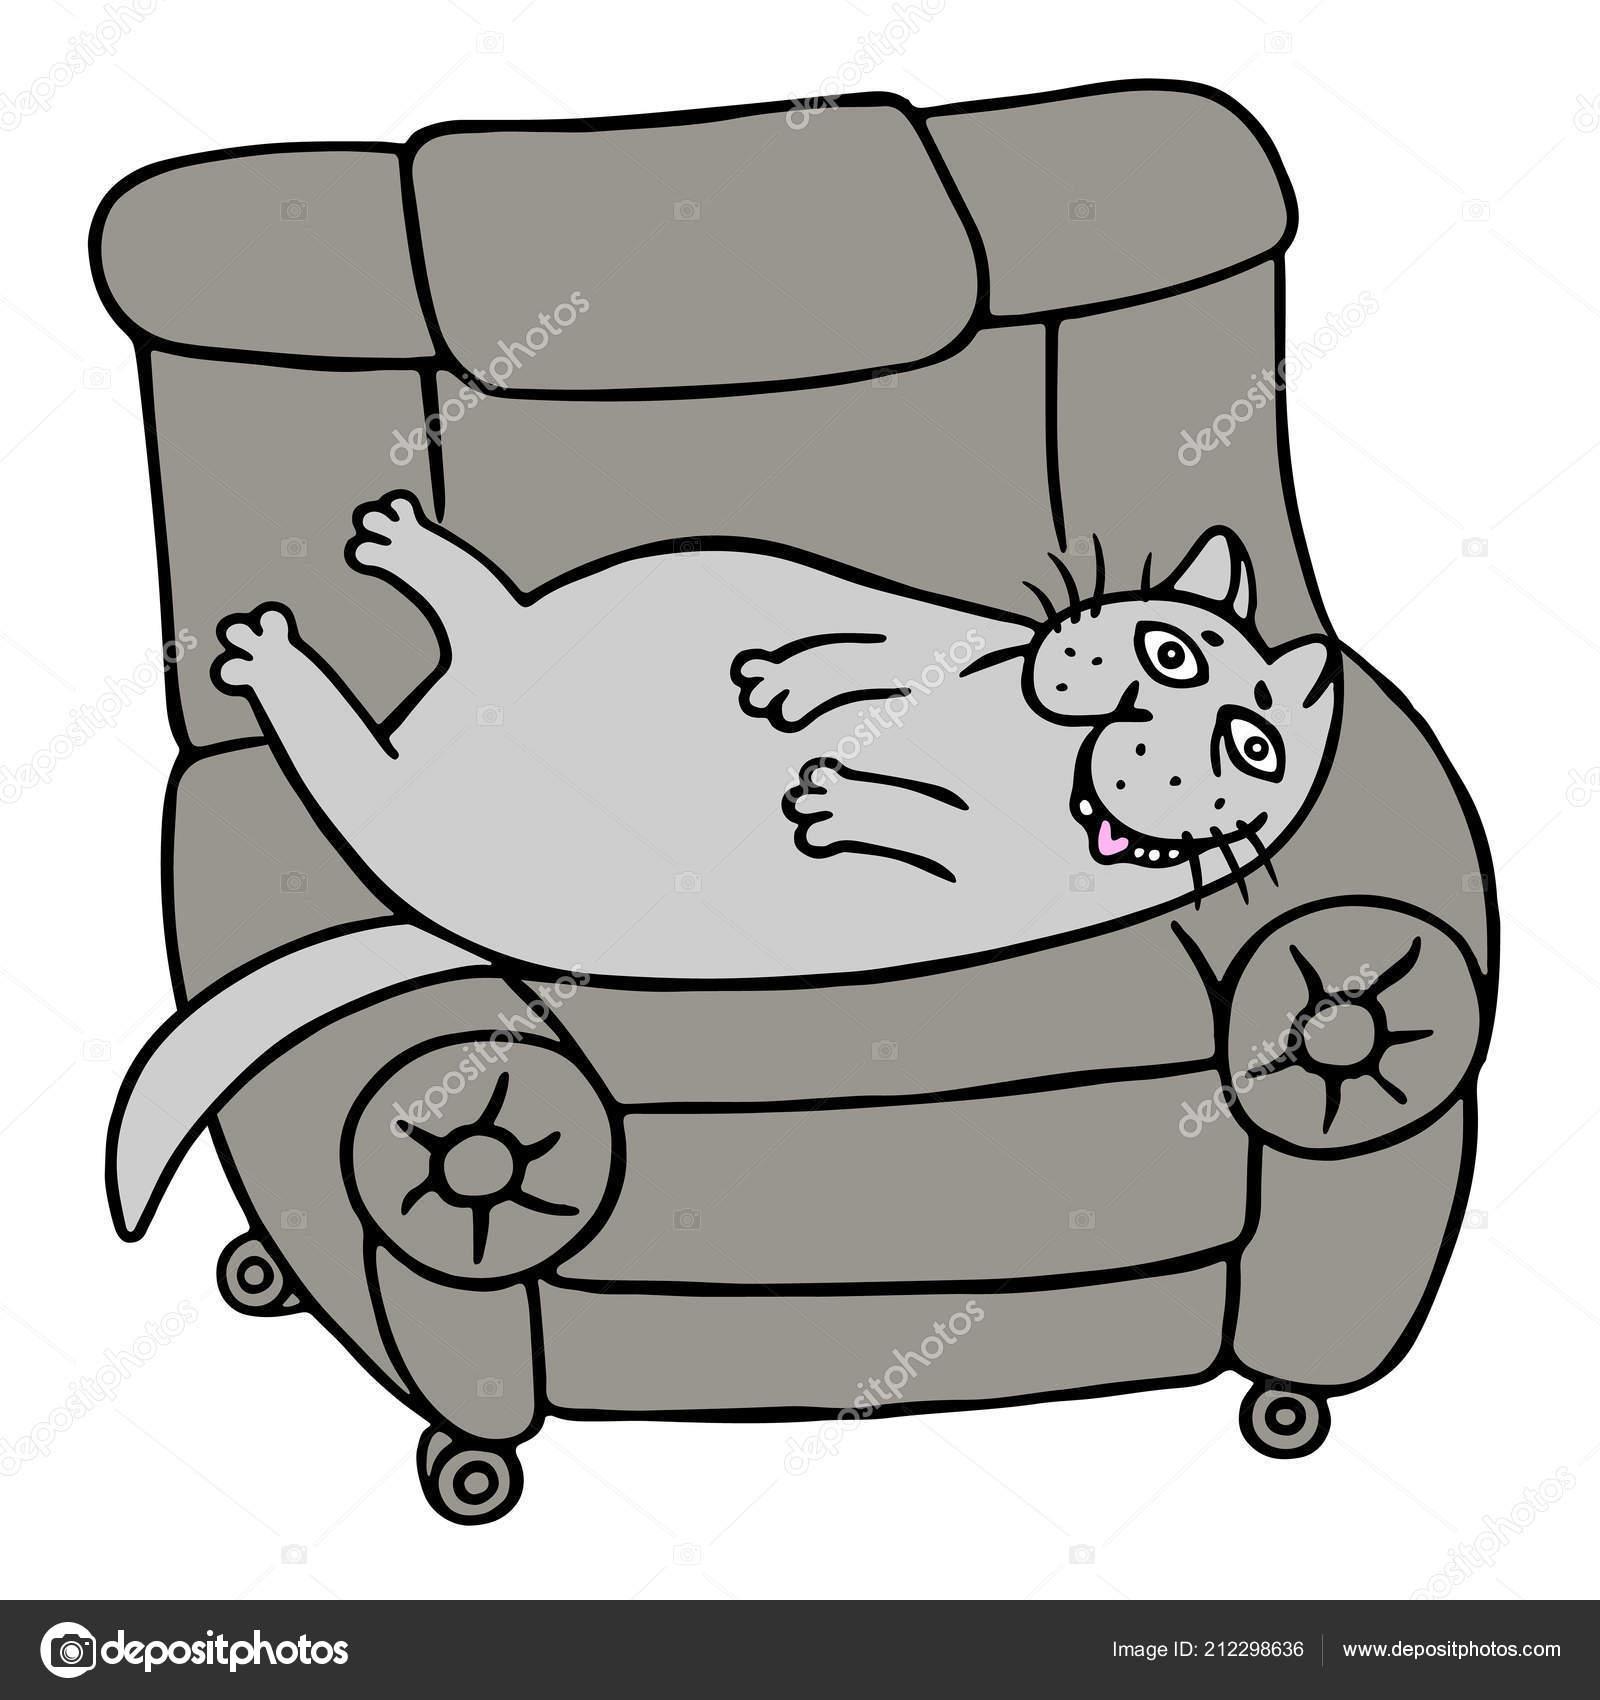 фильтр картинка толстая кошка сидит на коврике кто